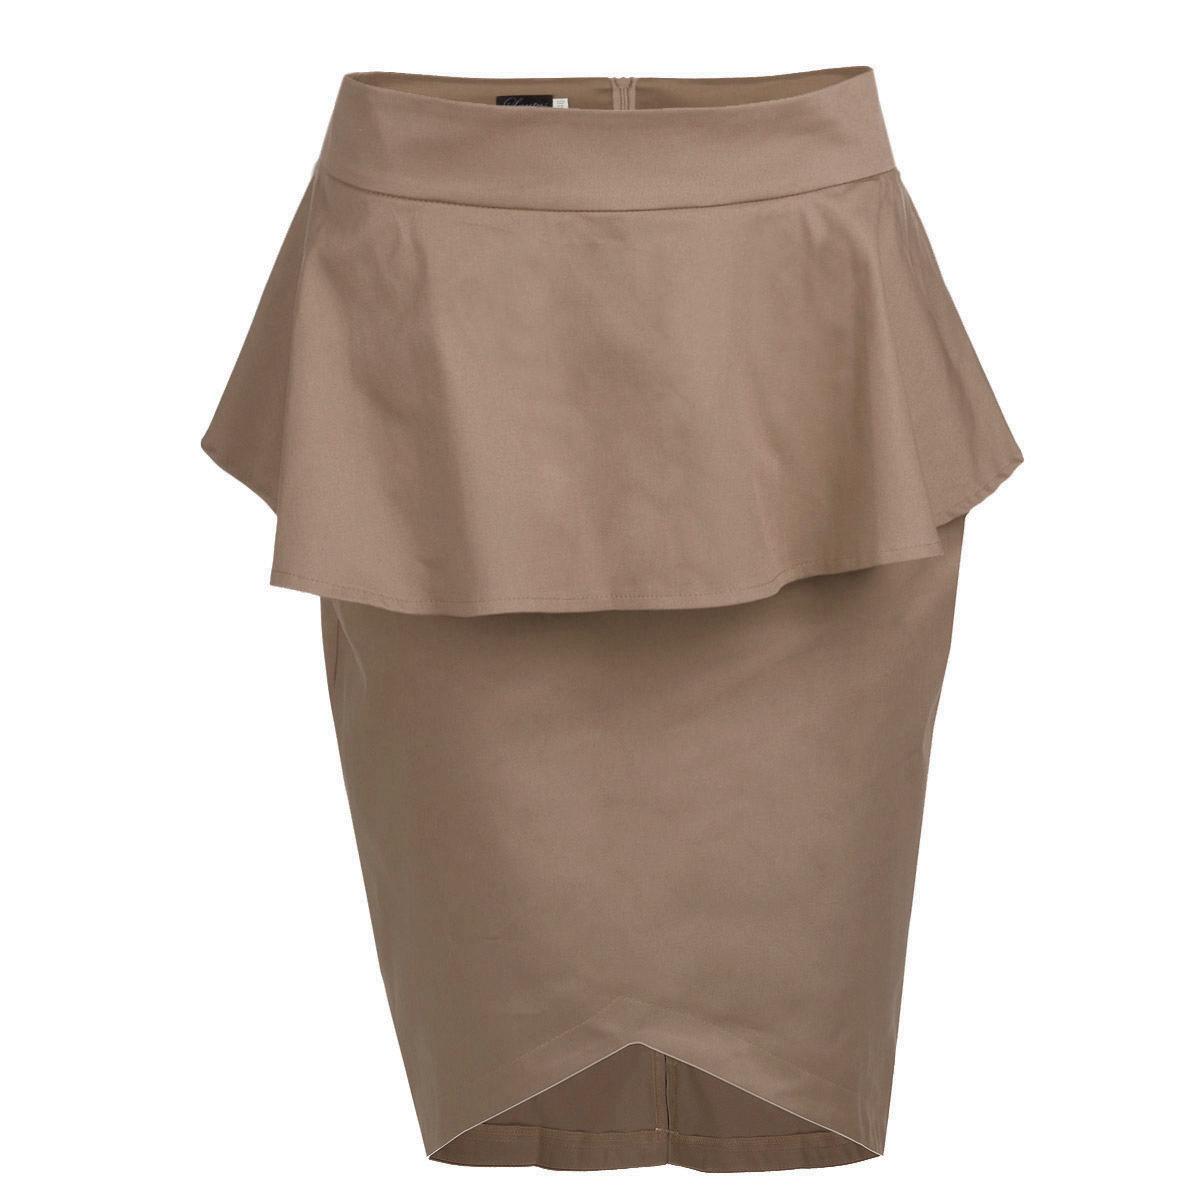 Юбка. ю0162/ю0161ю0161Стильная юбка Lautus изготовлена из плотного материала лаконичного цвета. Юбка длины миди подчеркнет все достоинства вашей фигуры. Модель на широком пришивном поясе оформлена элегантной баской и имеет асимметричный подол. Сзади юбка застегивается на потайную молнию и дополнена небольшим разрезом. Эта модная юбка - отличный вариант как на каждый день, так и на торжественное мероприятие. Она займет достойное место в вашем гардеробе и подчеркнет ваш безупречный вкус.